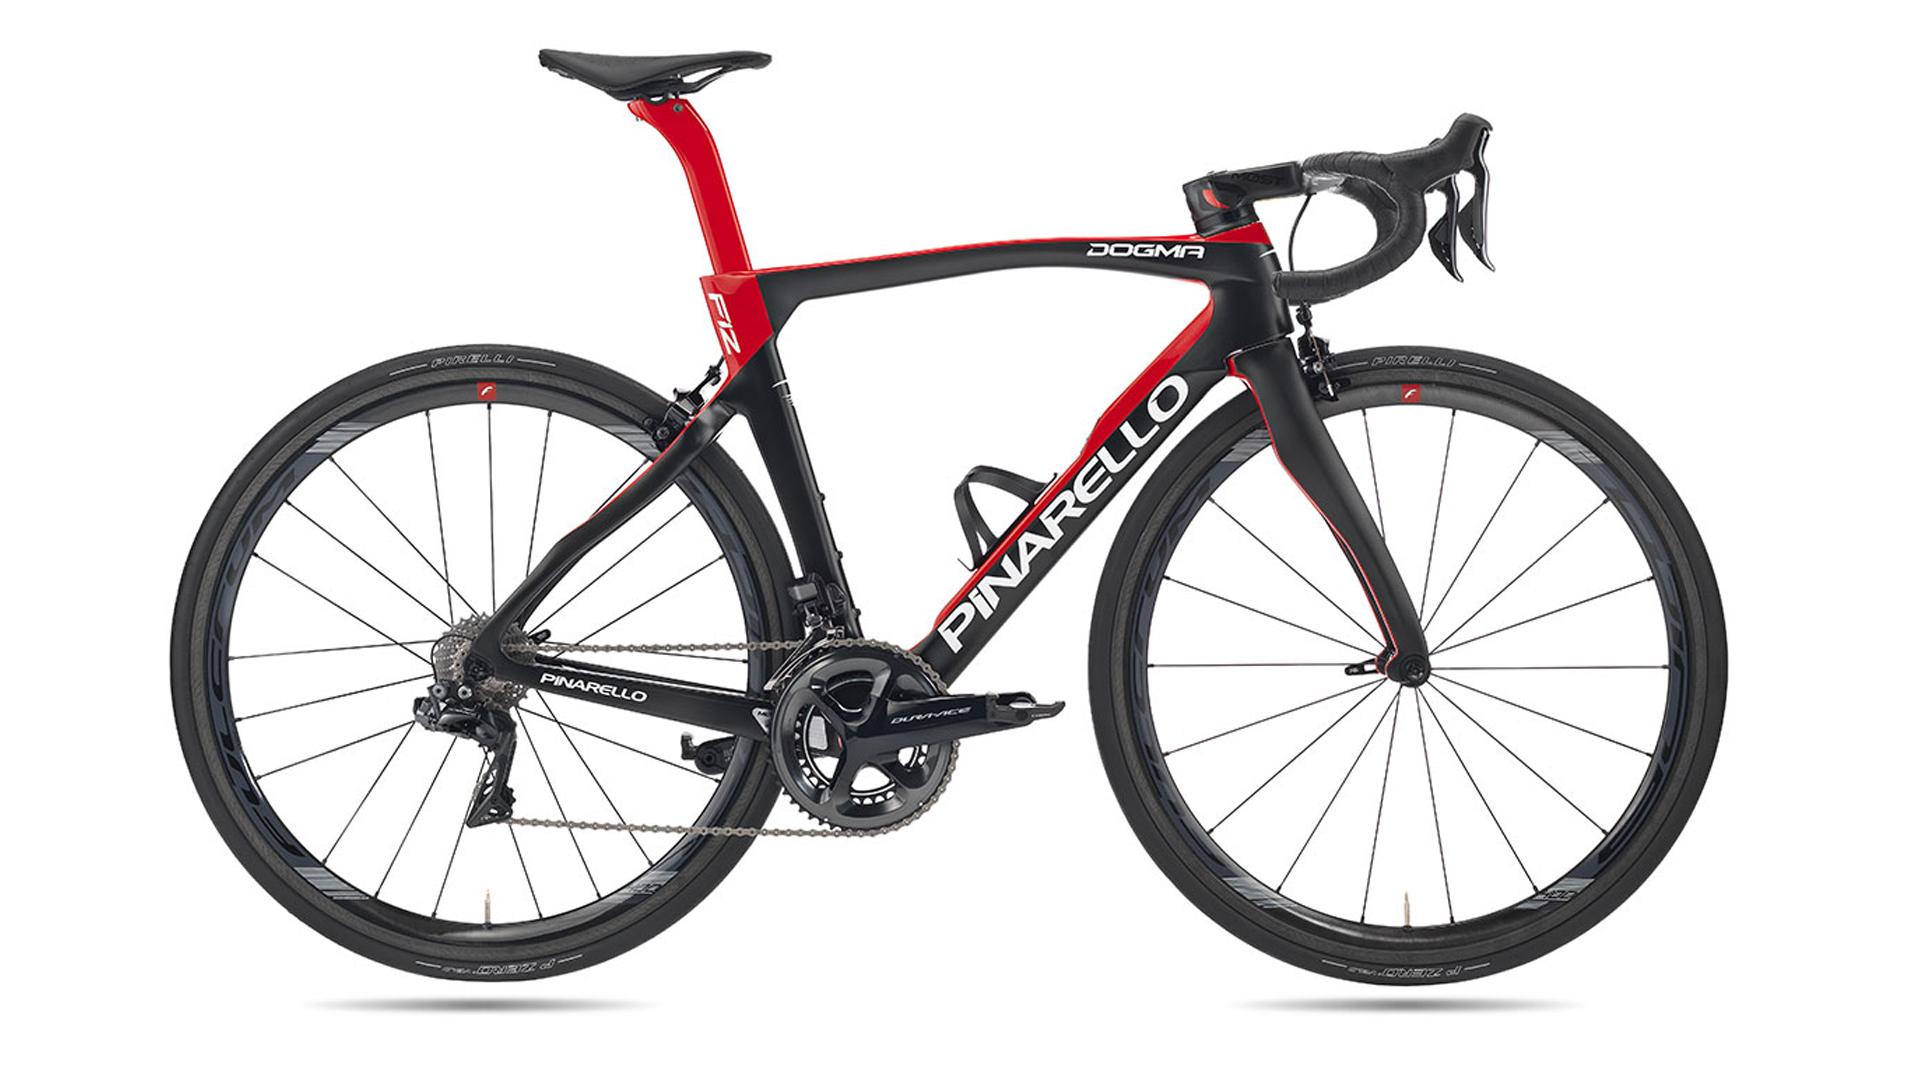 Best aero road bikes: Pinarello Dogma F12